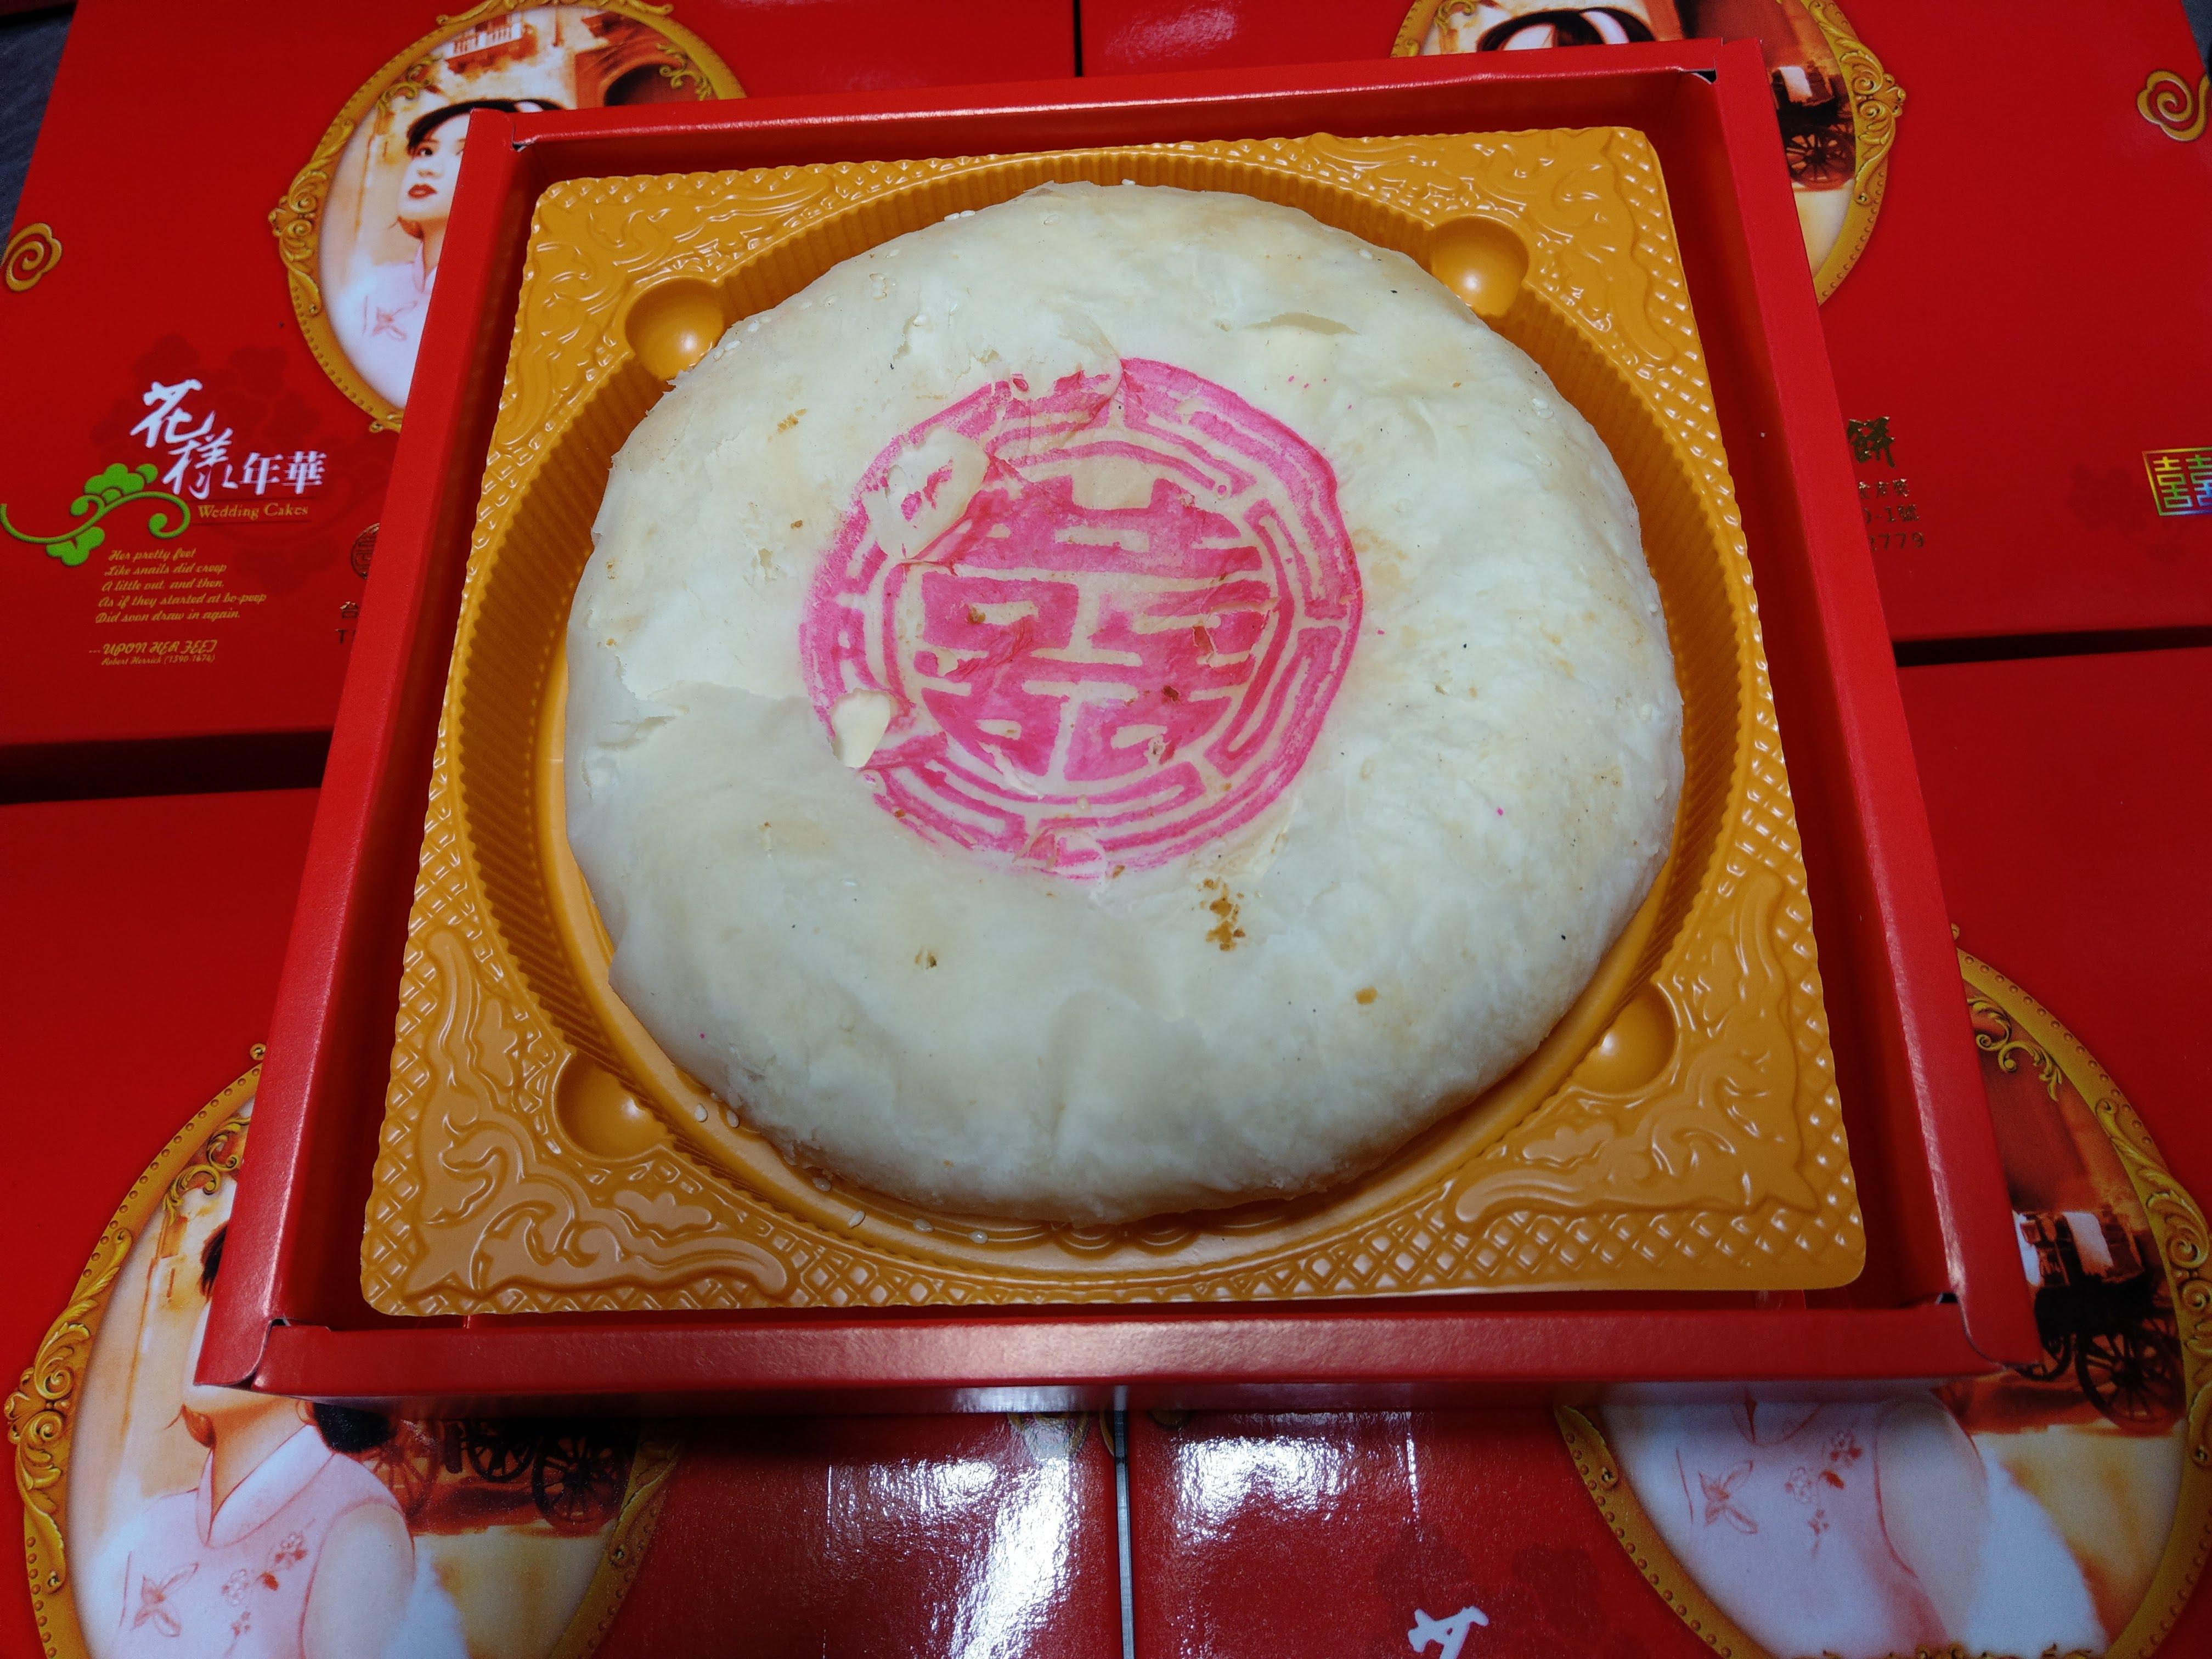 朱記素餅-綠豆大餅禮盒(全素)訂婚喜餅